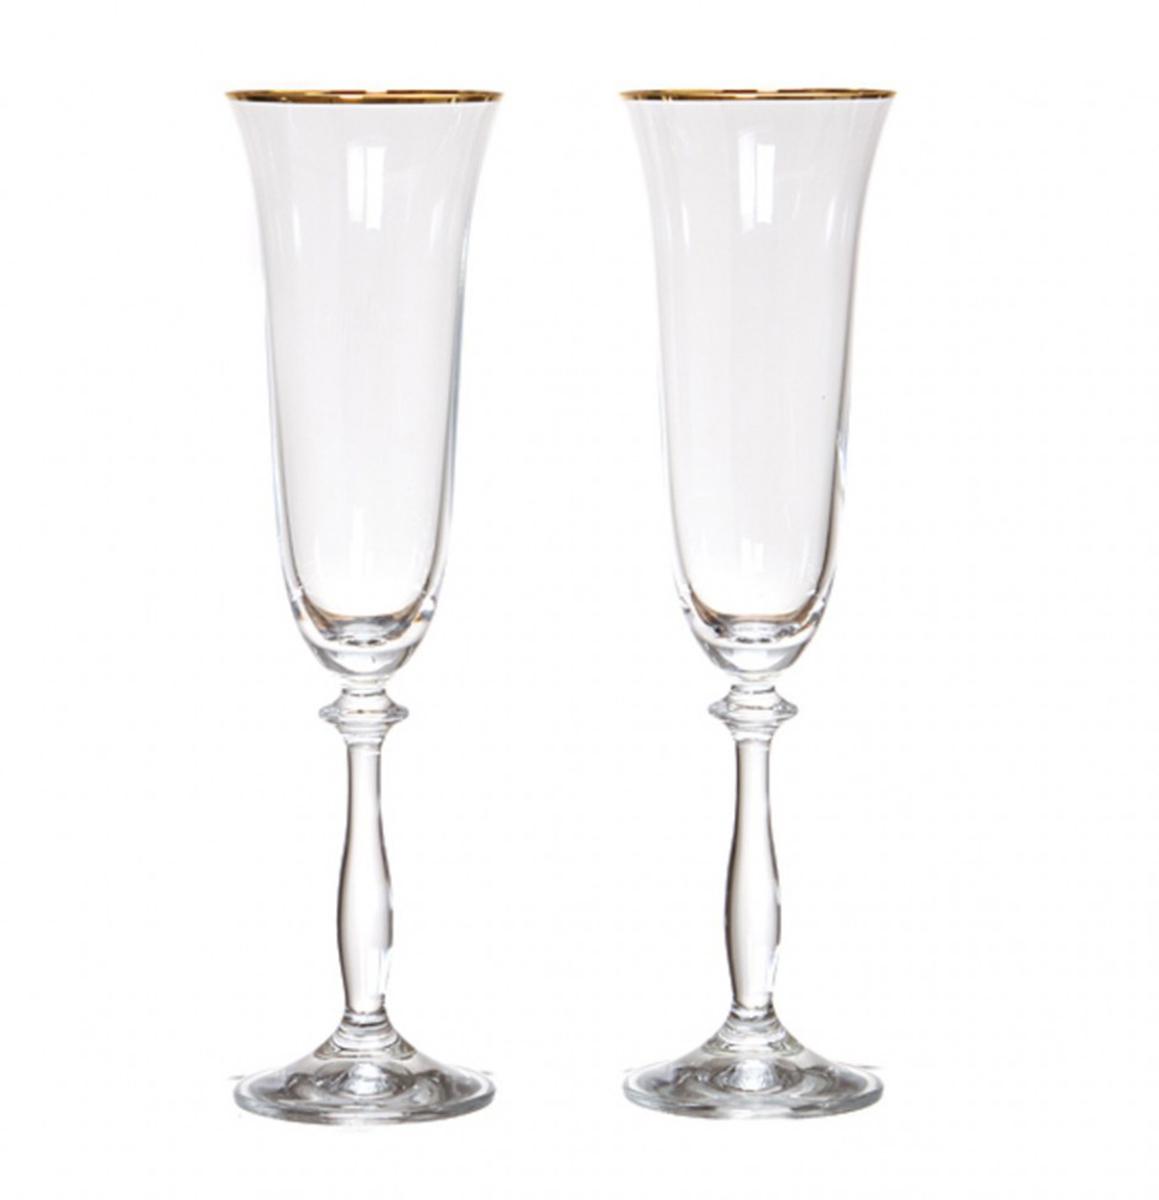 Набор бокалов для шампанского Bohemia Crystal Анжела, 190 мл, 2 шт. 40600/20787/190/240600/20787/190/2Бокалы для шампанского Bohemia Crystal коллекции Анжела порадуют не только вас, но и ваших гостей. Они обладают привлекательным внешним видом, а материалом их изготовления является высококачественное хрустальное стекло. Кроме того, красоту и форму посуды подчеркивают прозрачные ножки, чаша бокала украшена золотой каймой. Объем бокала 190 мл. Количество в упаковке 2 шт.